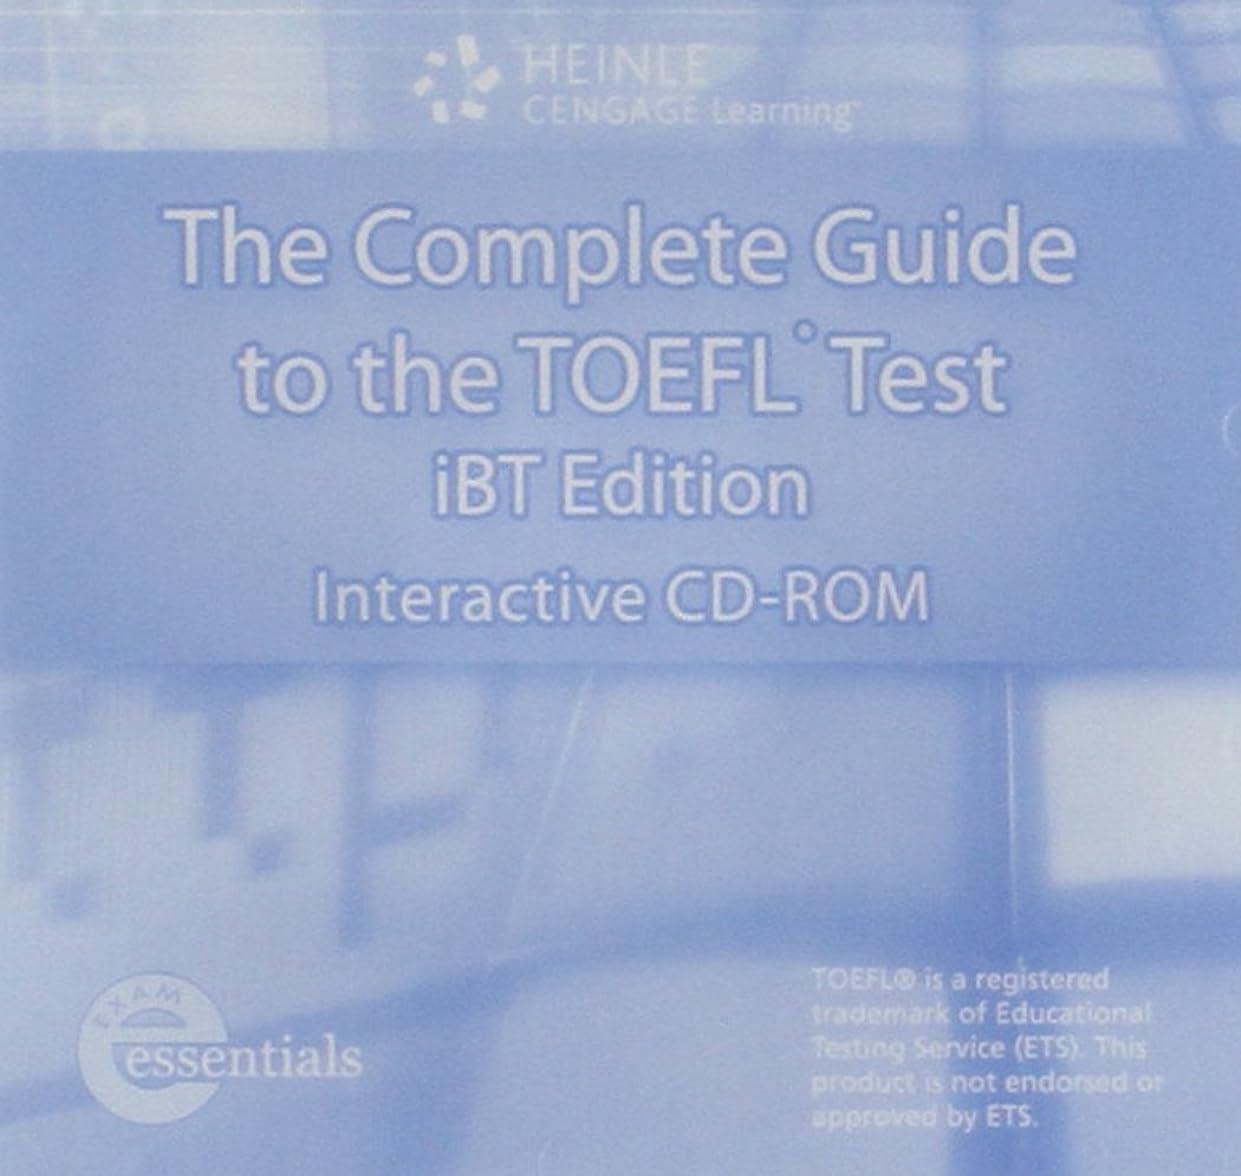 道徳の悔い改める圧縮The Complete Guide to the TOEFL Test: iBT Edition